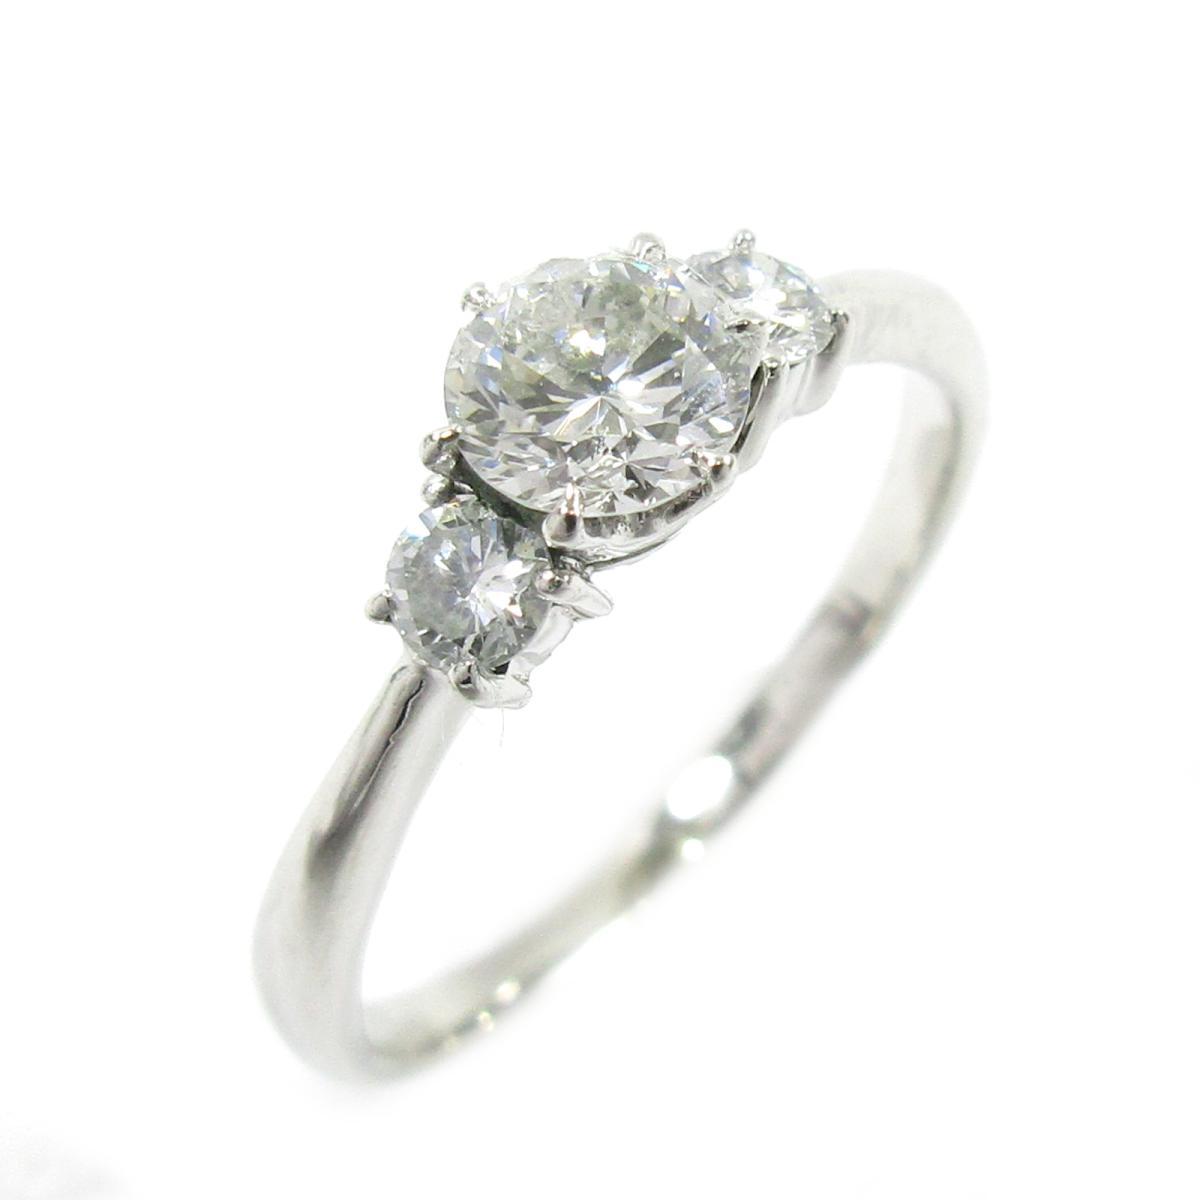 【中古】 ジュエリー ダイヤモンドリング 指輪 レディース PT900 プラチナ x ダイヤモンド シルバー クリアー | JEWELRY BRANDOFF ブランドオフ ブランド アクセサリー リング